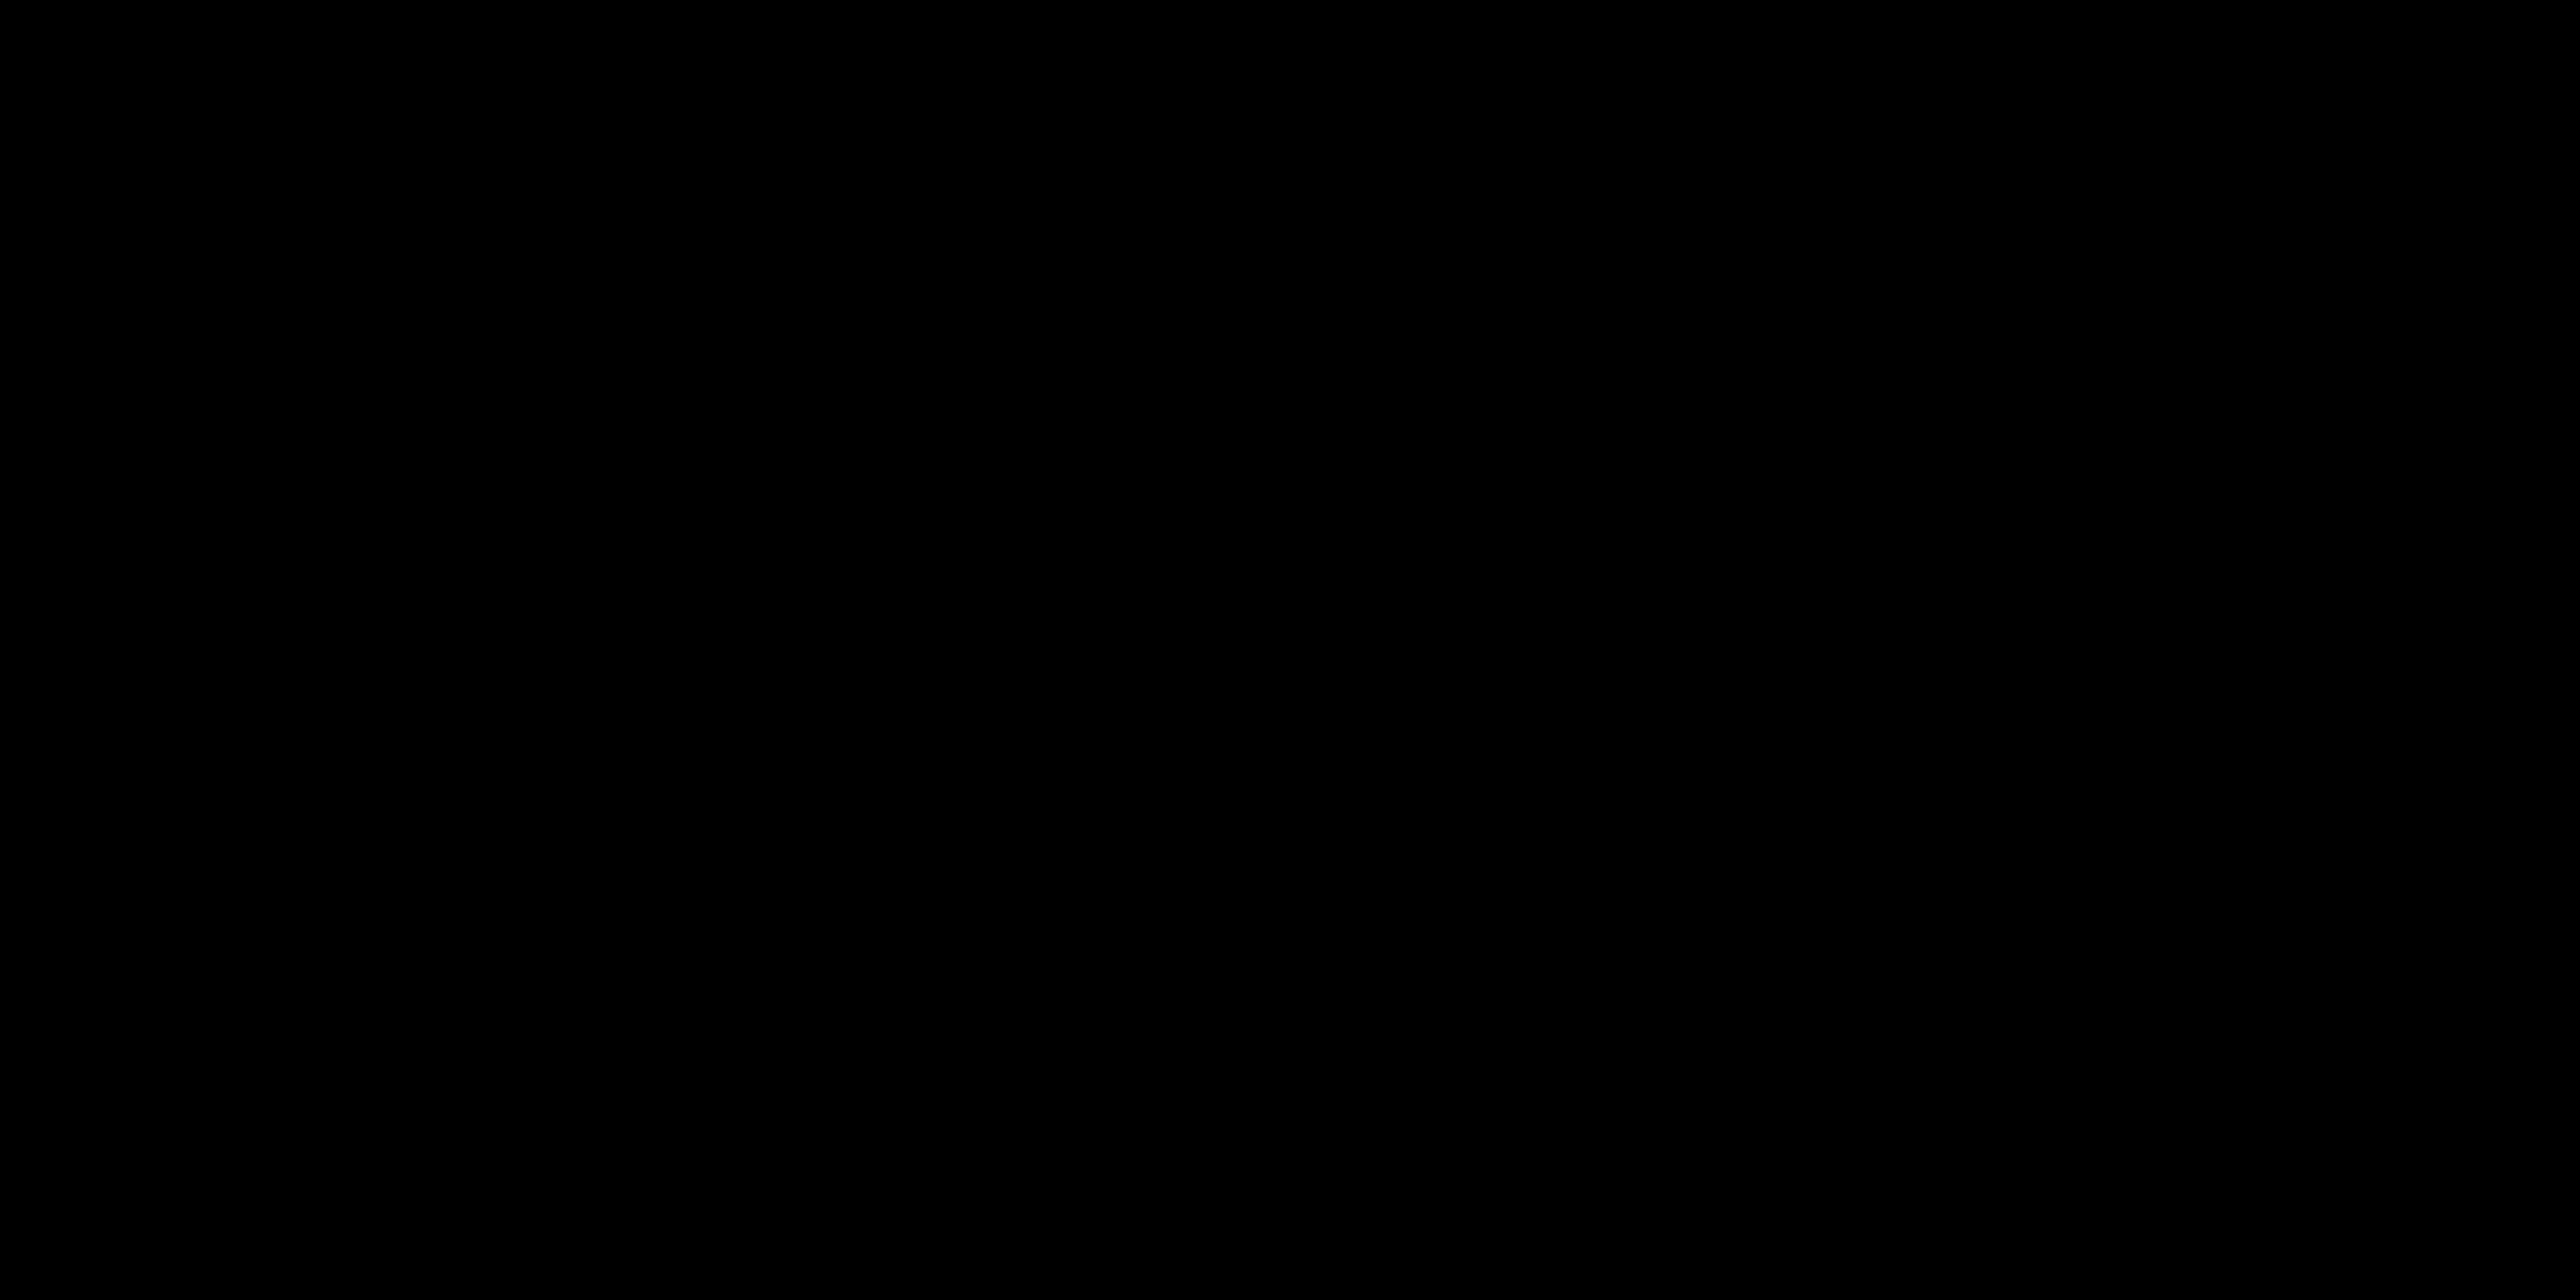 """7.6 黄石市""""青年文明号开放周""""启动式"""